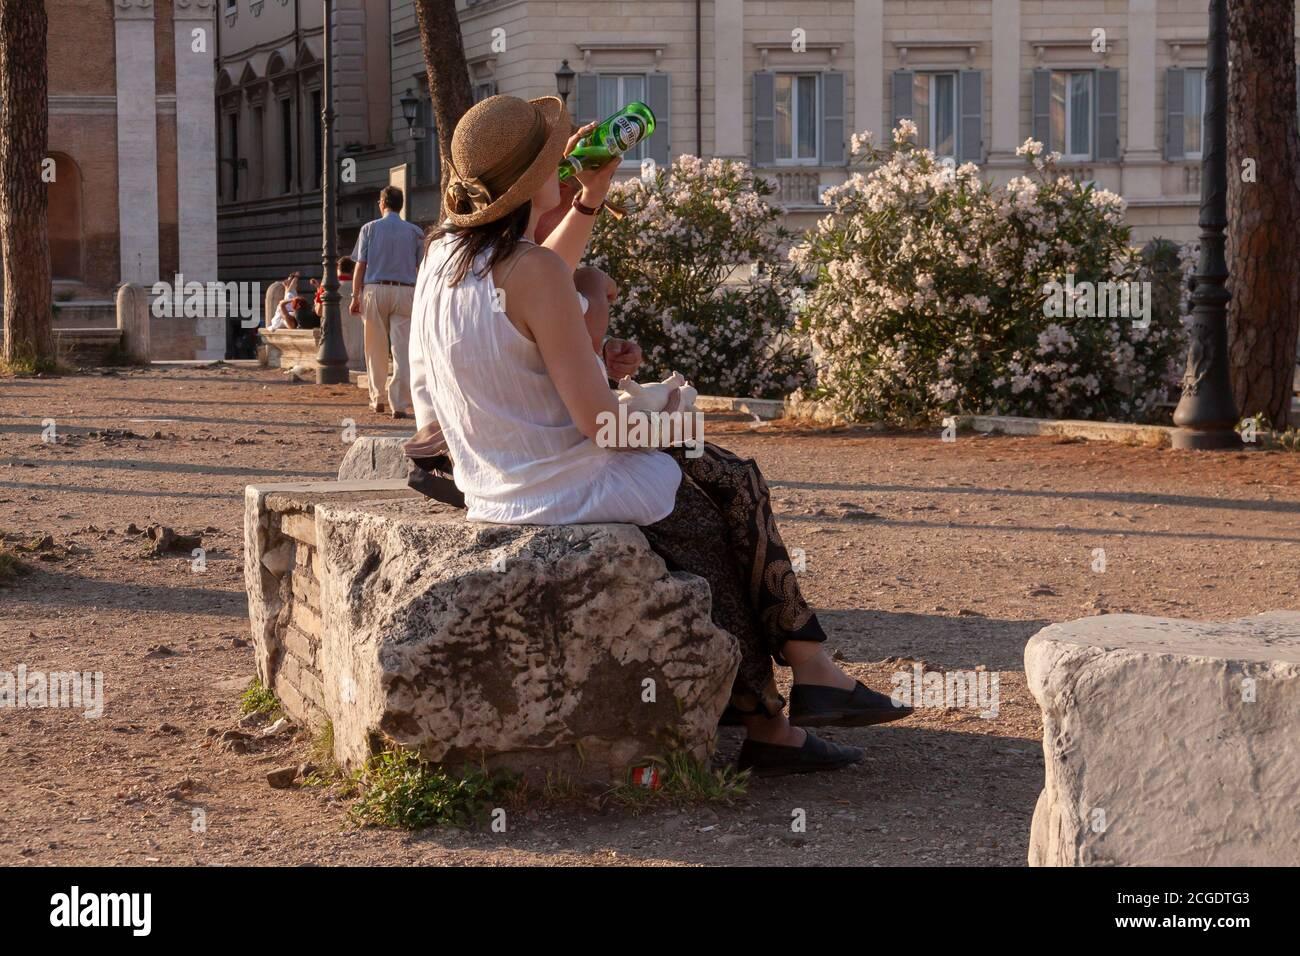 Rome, Italie - 27 juin 2010 : une touriste, portant un chapeau, repose sur un bloc de pierre, buvant une bière, dans la région du Forum romain, Rome. Banque D'Images